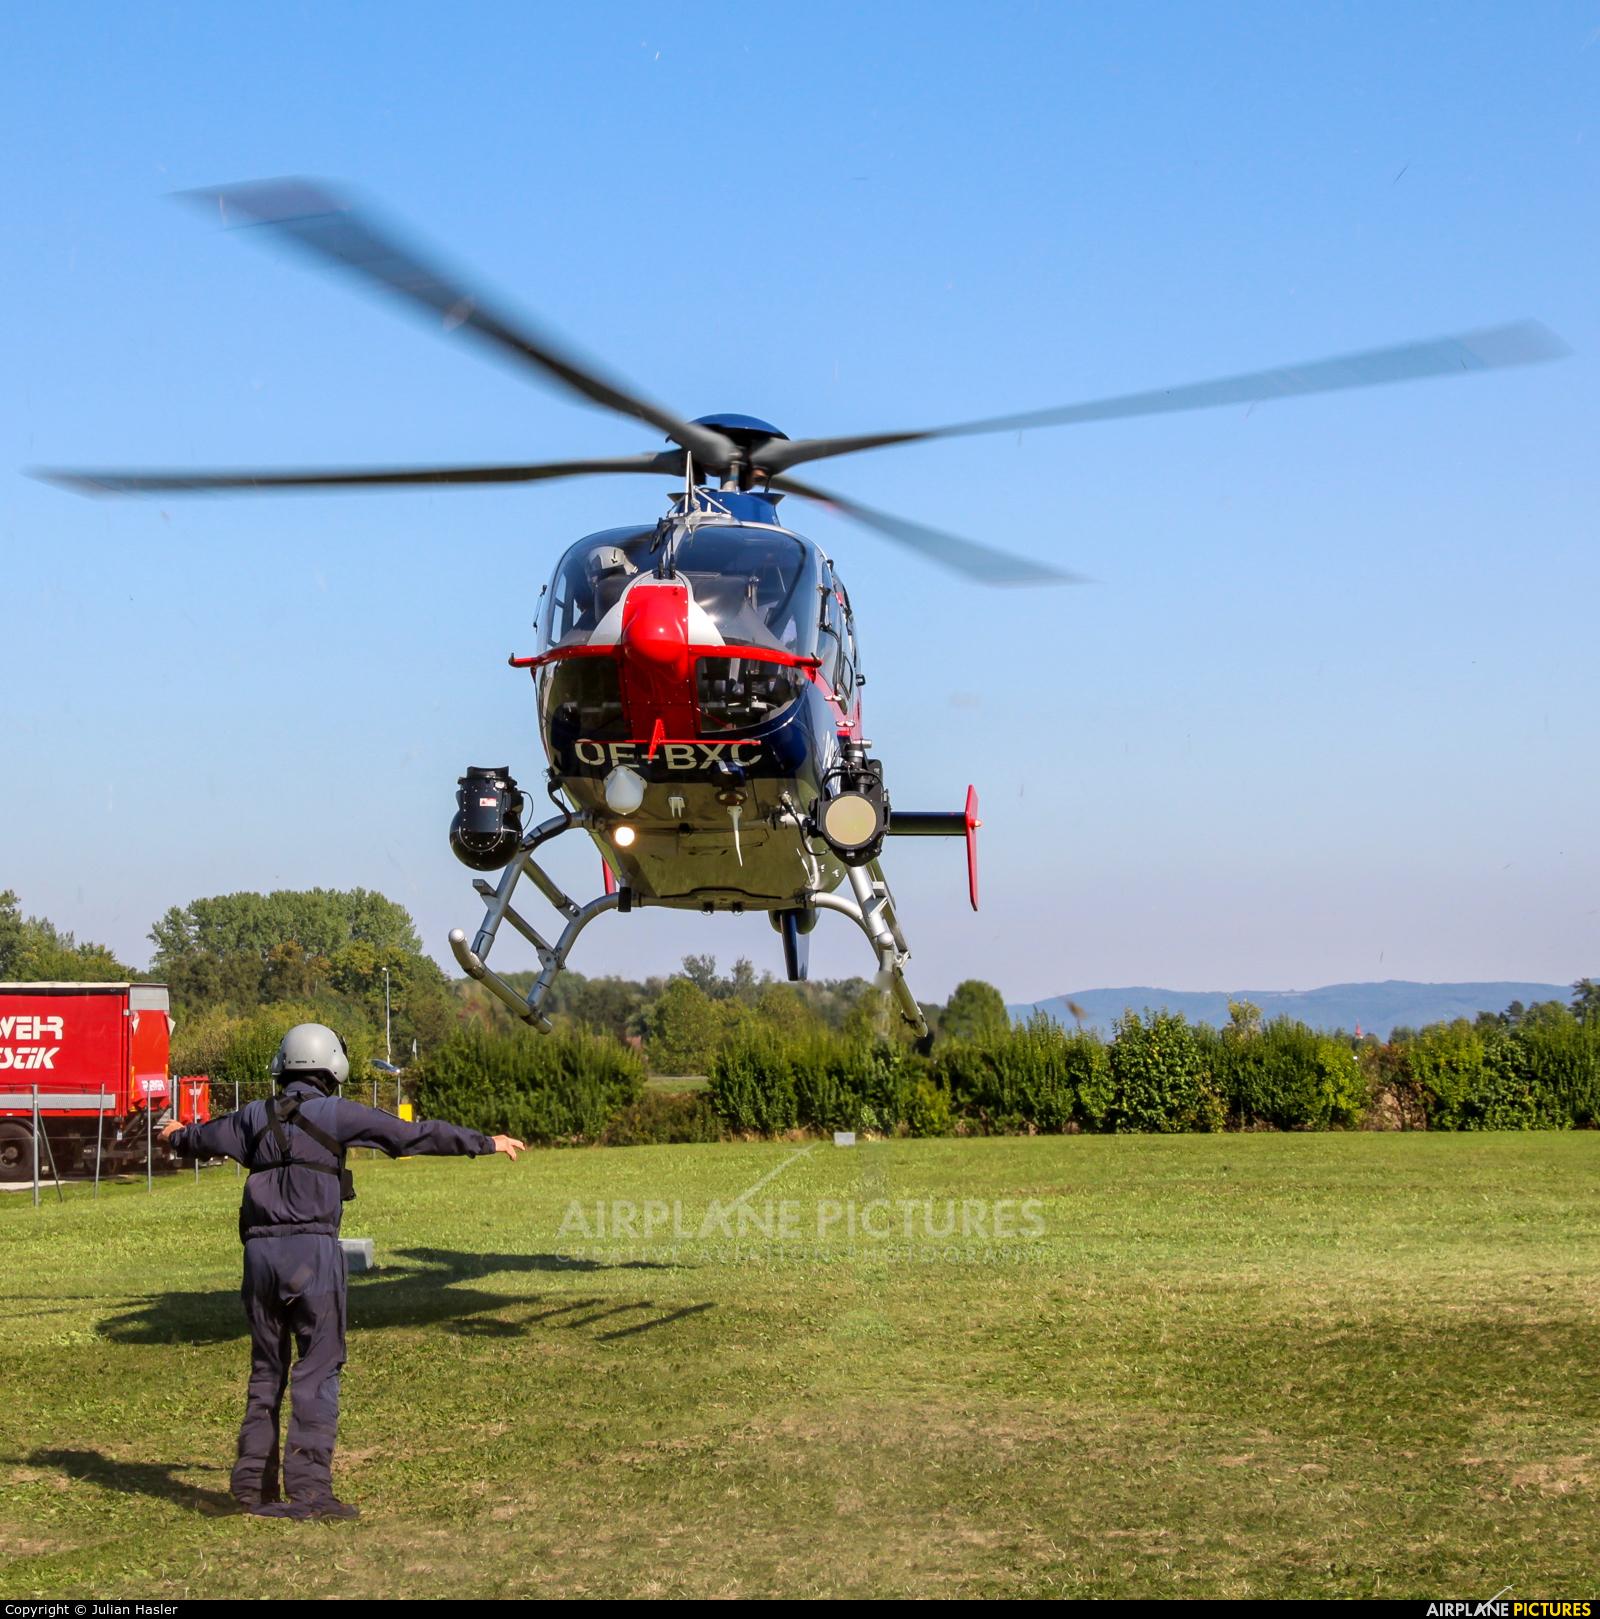 Austria - Police OE-BXC aircraft at Vienna - Schwechat